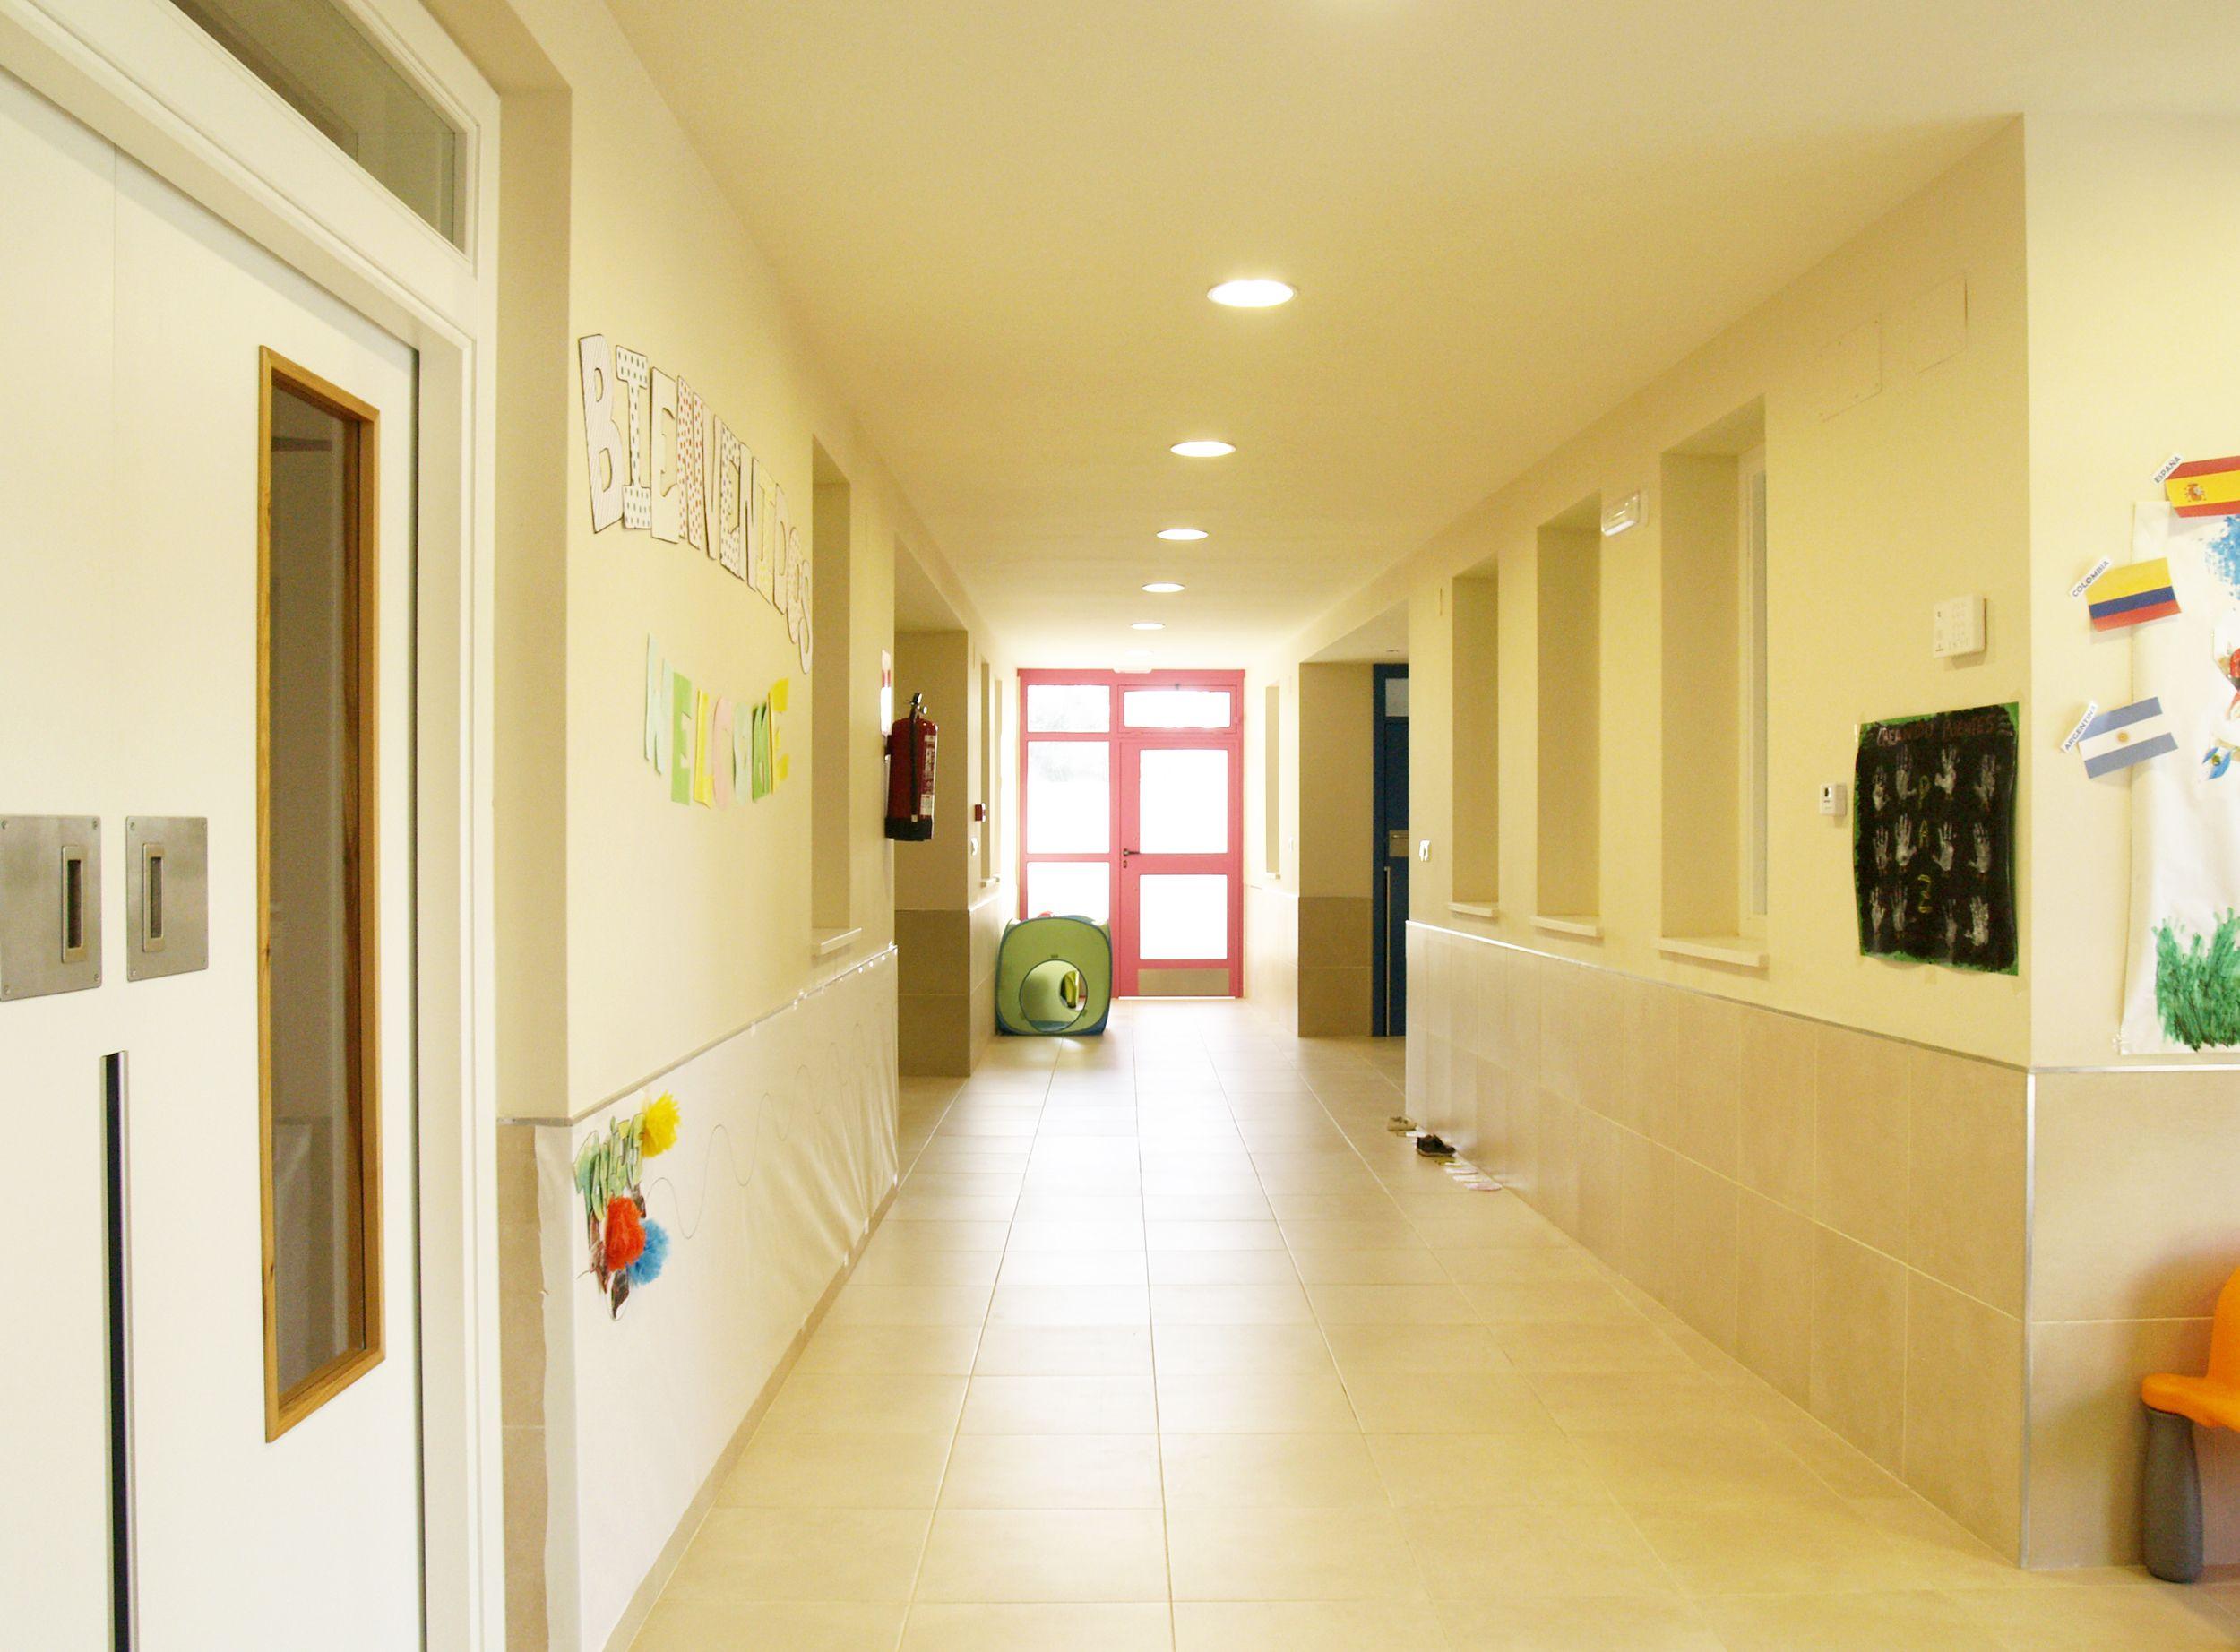 Escuela infantil con proyecto educativo para tus hijos